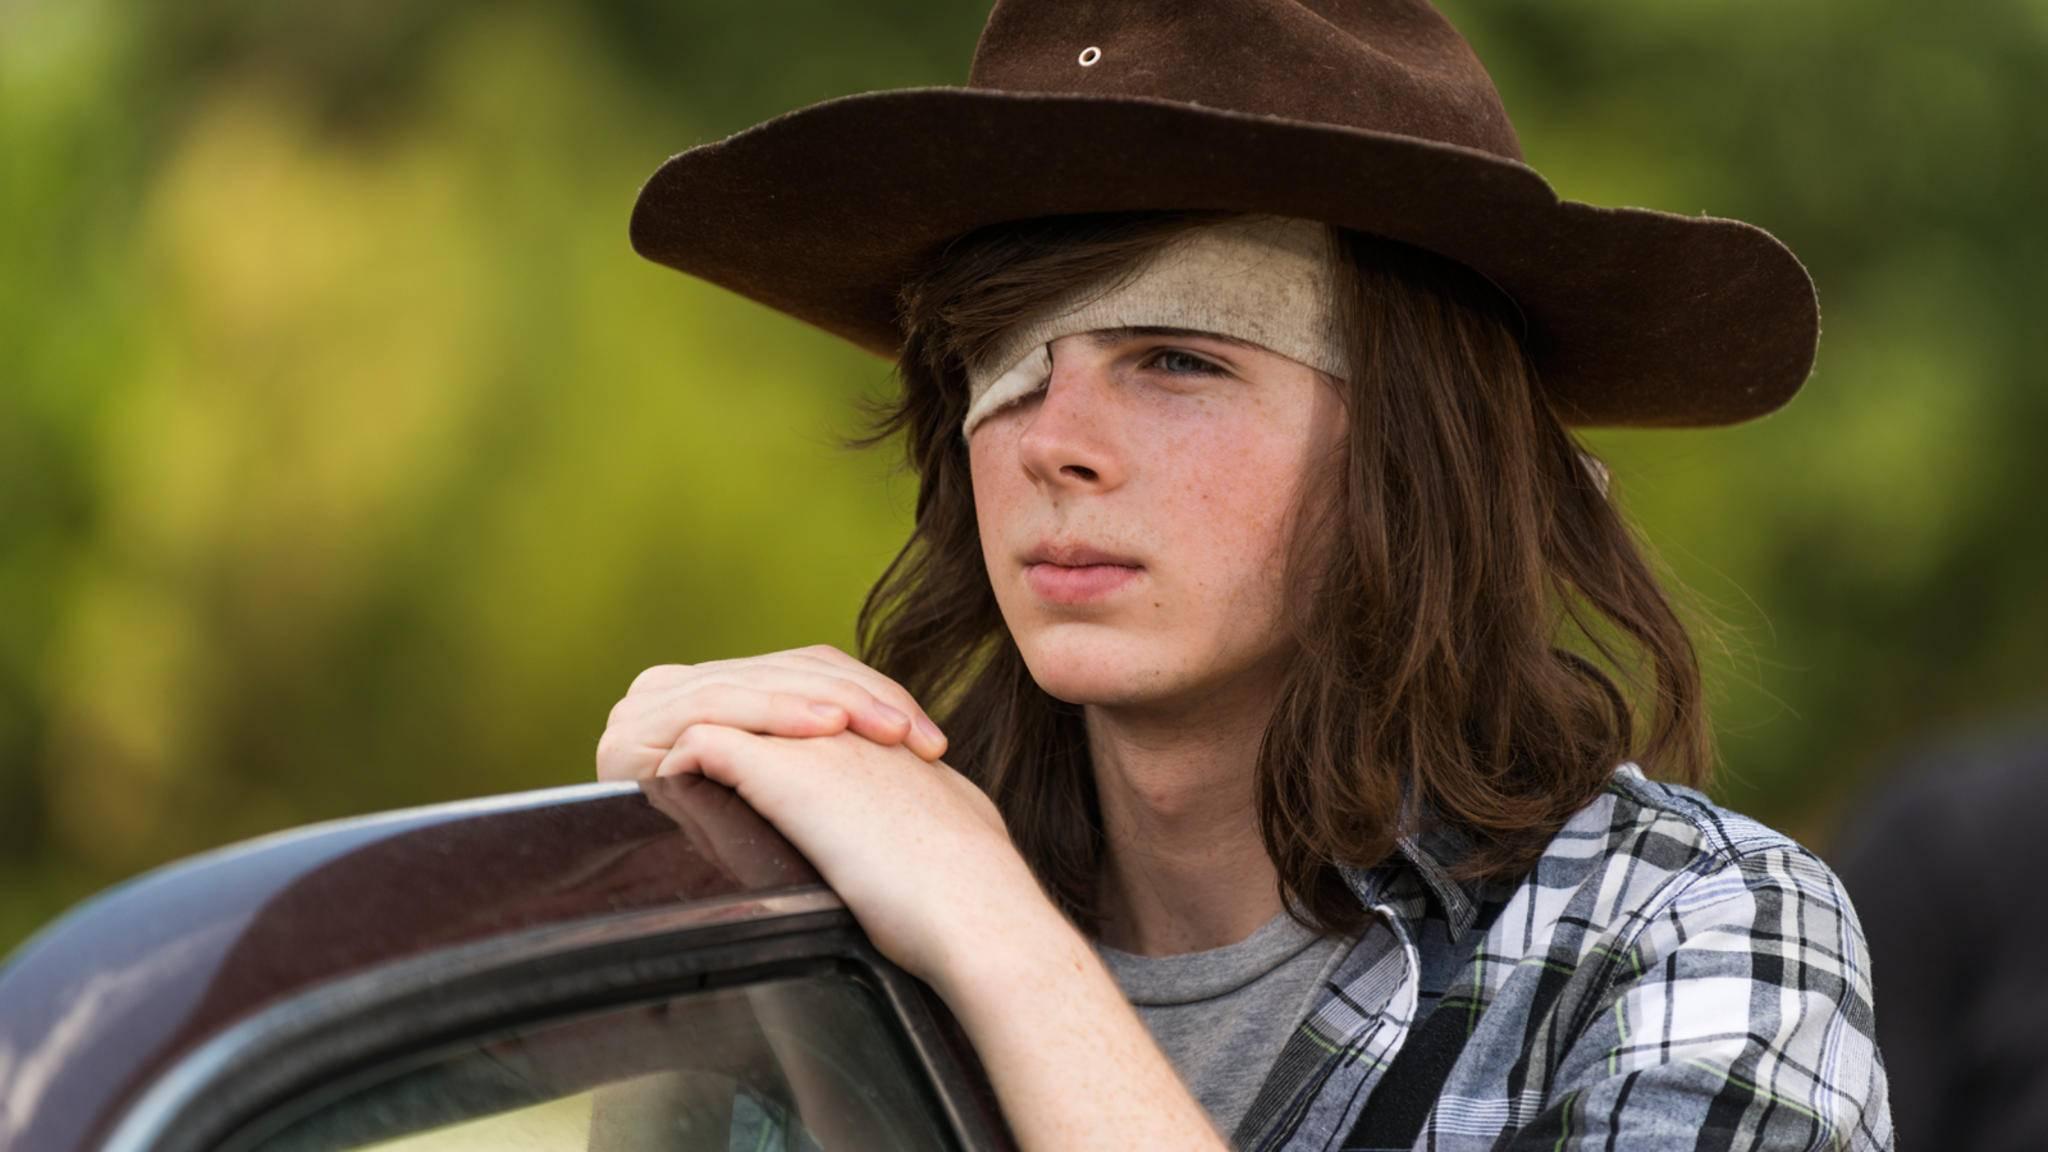 Wohin die Fahrt für den früheren Carl-Grimes-Darsteller wohl geht?